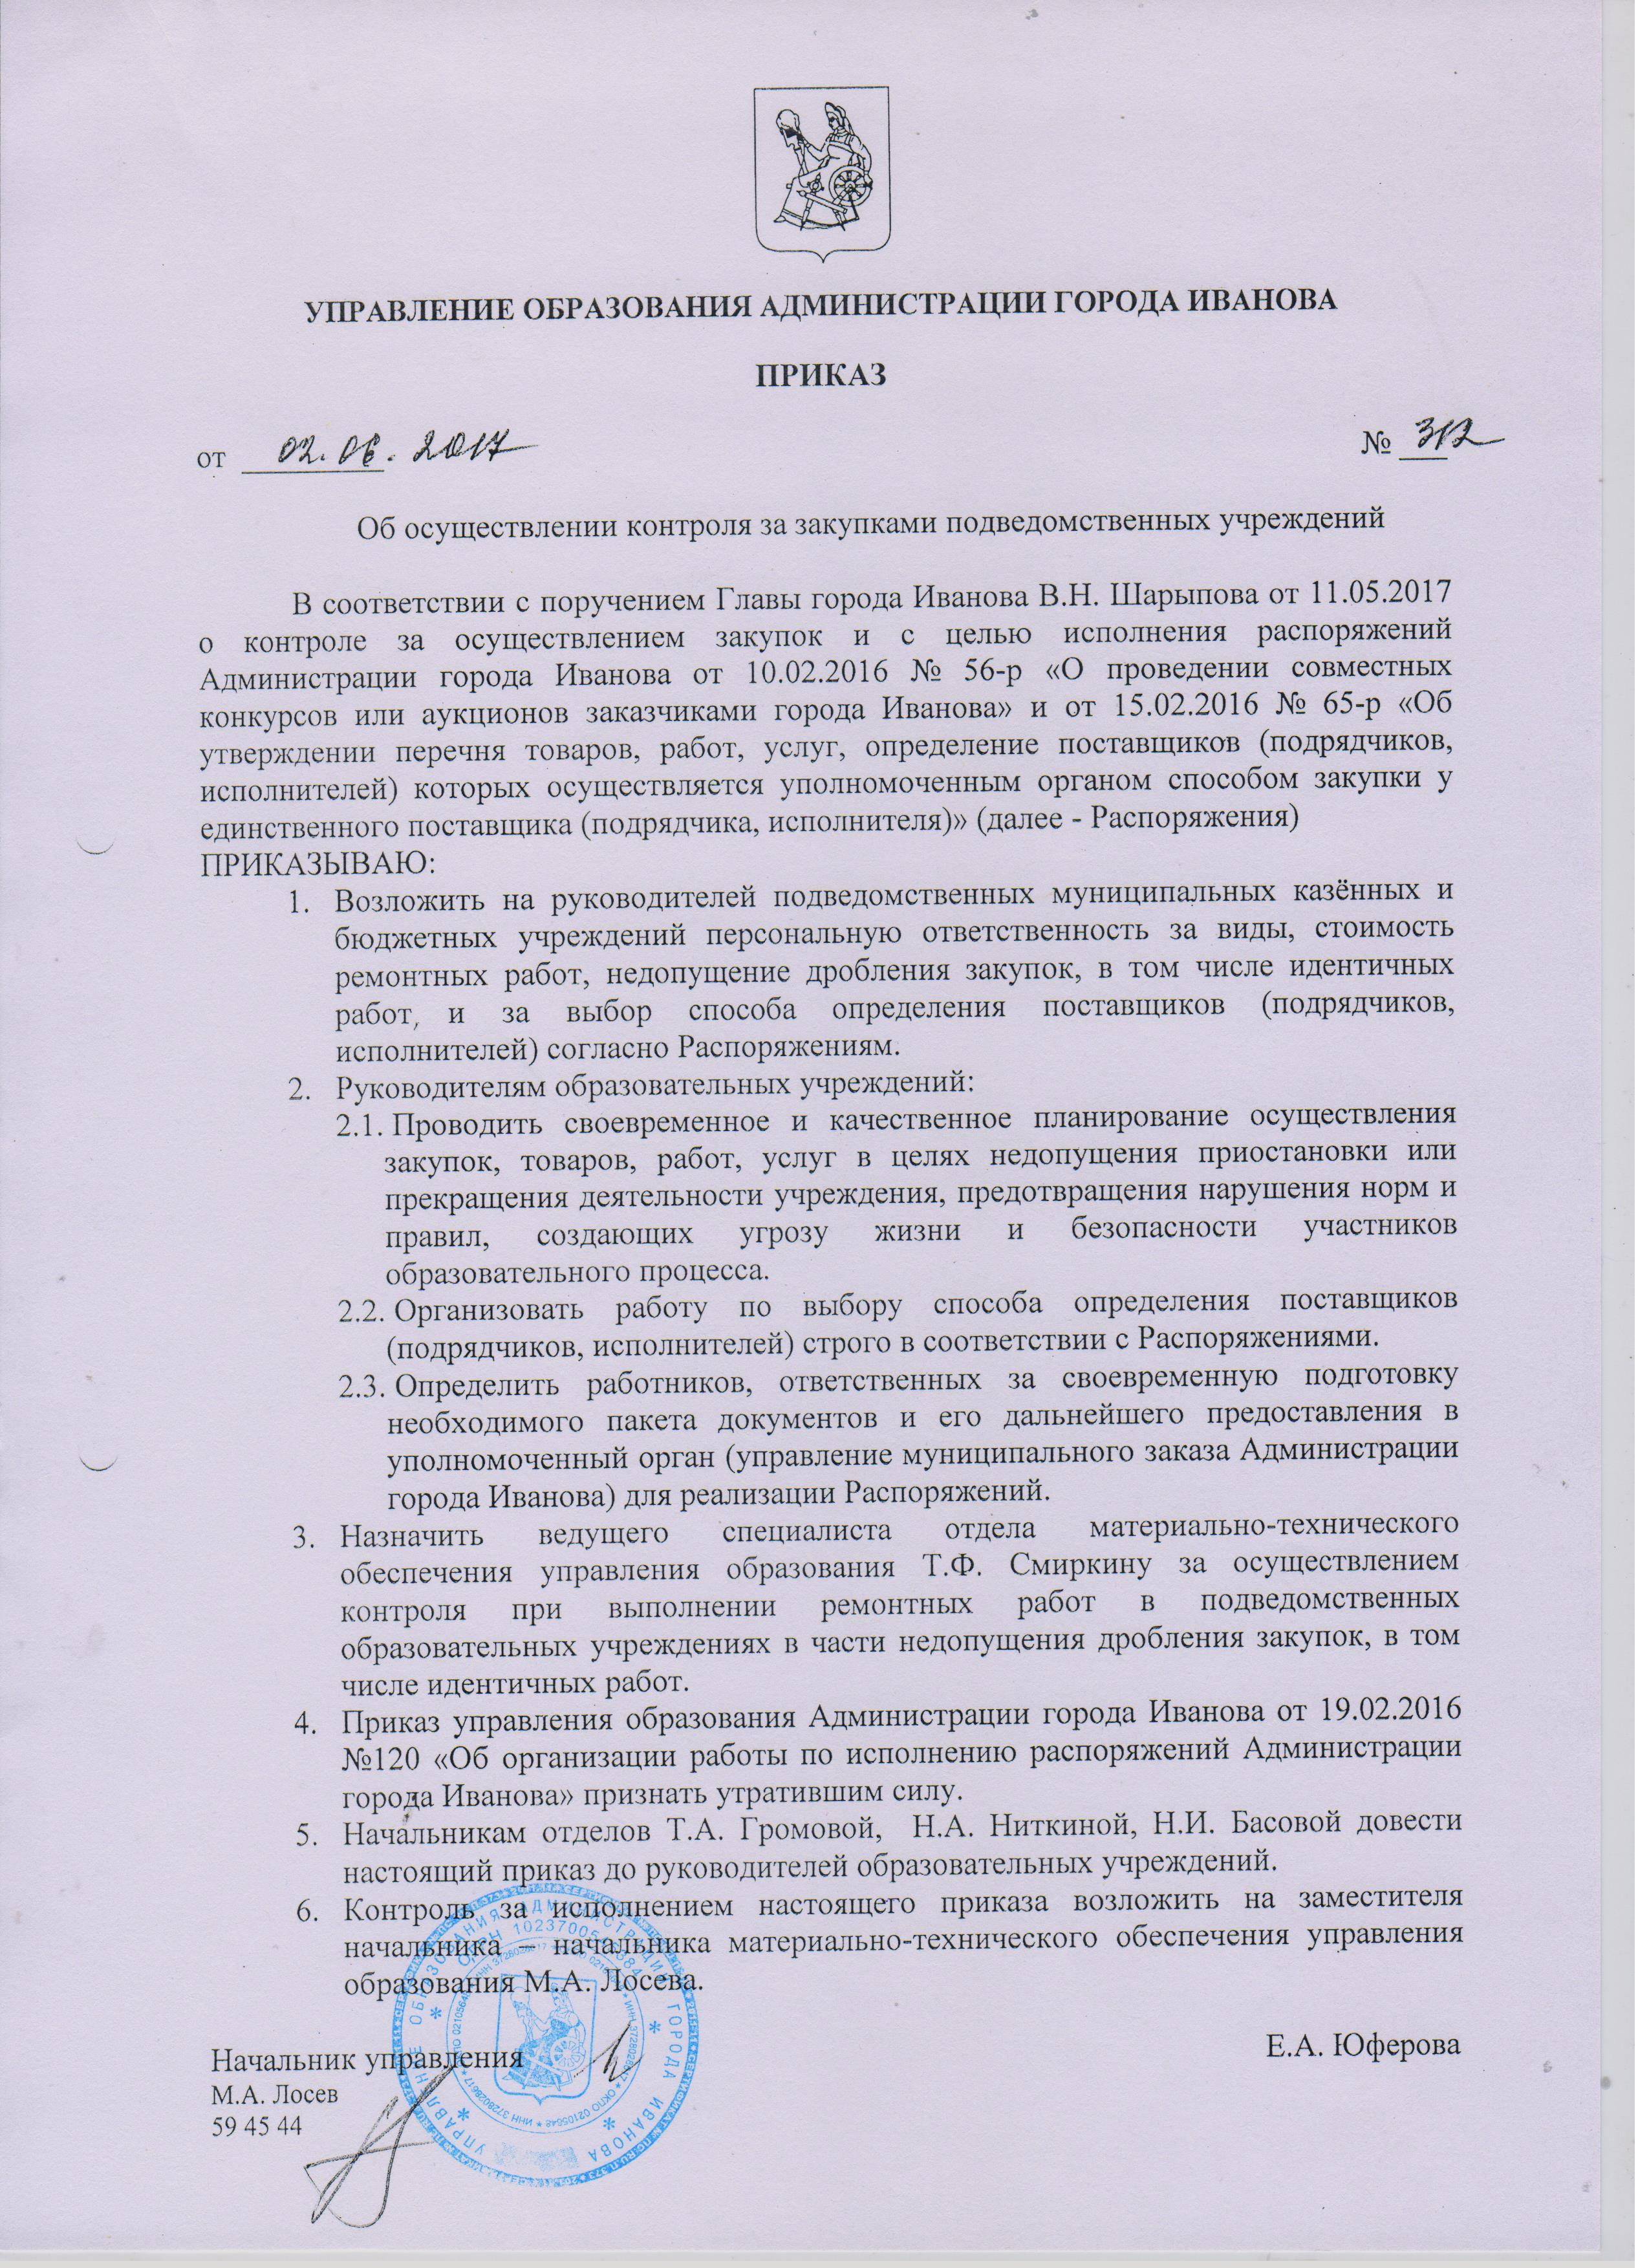 Противопожарные инструктажи в доу 2018.